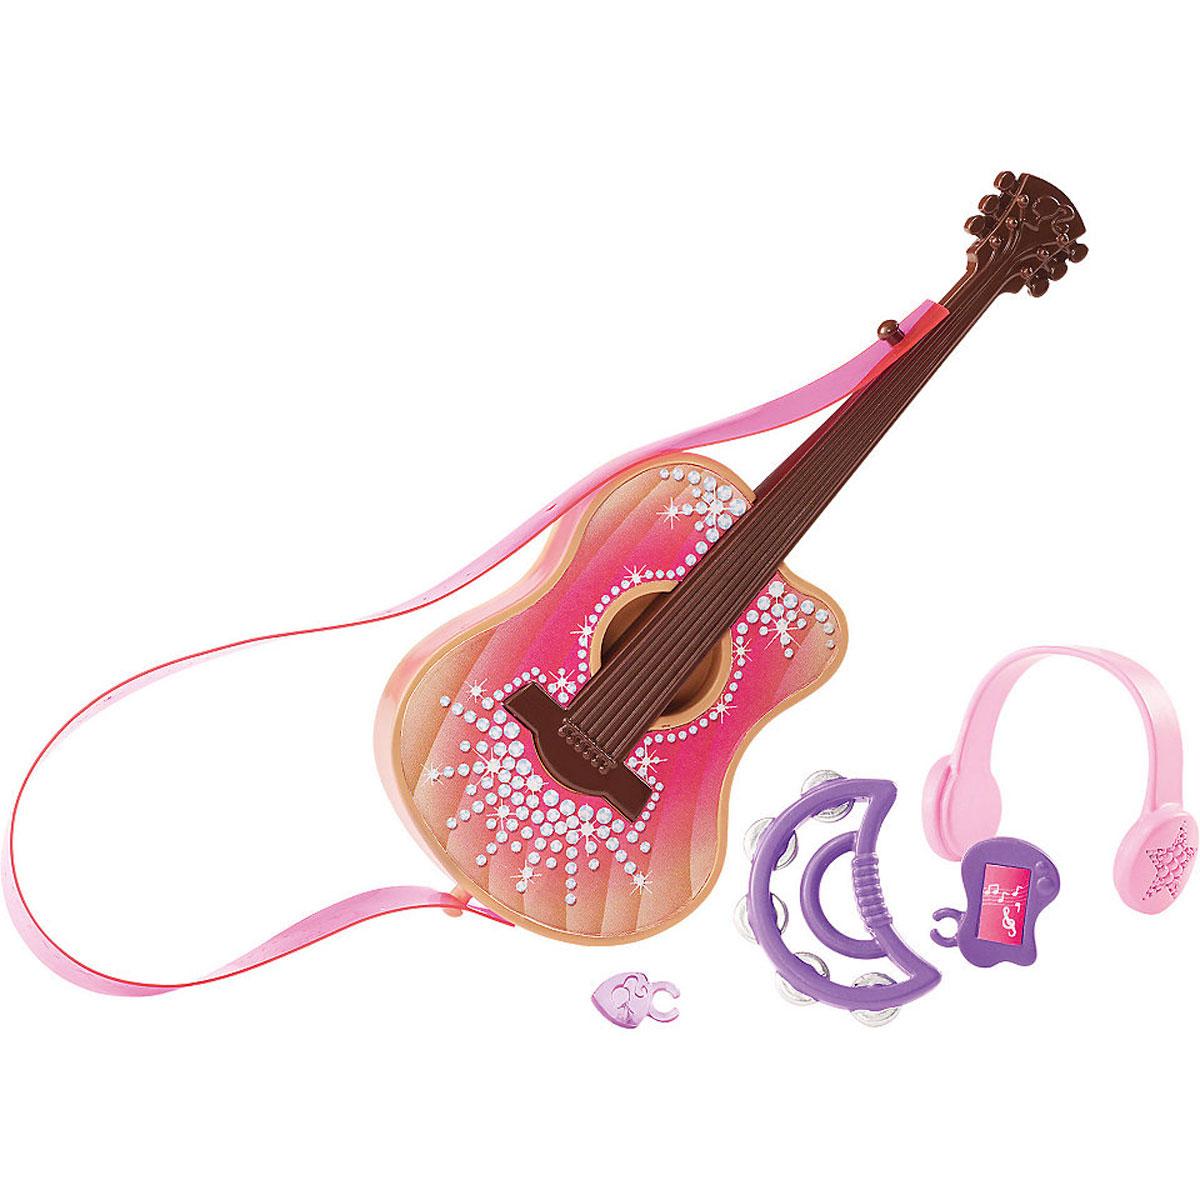 Barbie Мини-набор для декора МузыкальныйCFB50_CFB53Кукла Барби известна своим особым стилем. А теперь и каждая девочка может создать свой особый стиль. Богатый выбор аксессуаров, продающихся по отдельности, сделает дом Барби идеальной декорацией для задуманной истории. Мини-набор для декора Barbie Музыкальный включает в себя гитару, медиатор, наушники, бубен, плеер. Замечательные аксессуары в стиле Барби подойдут к домам с самым разным дизайном (дома продаются отдельно).